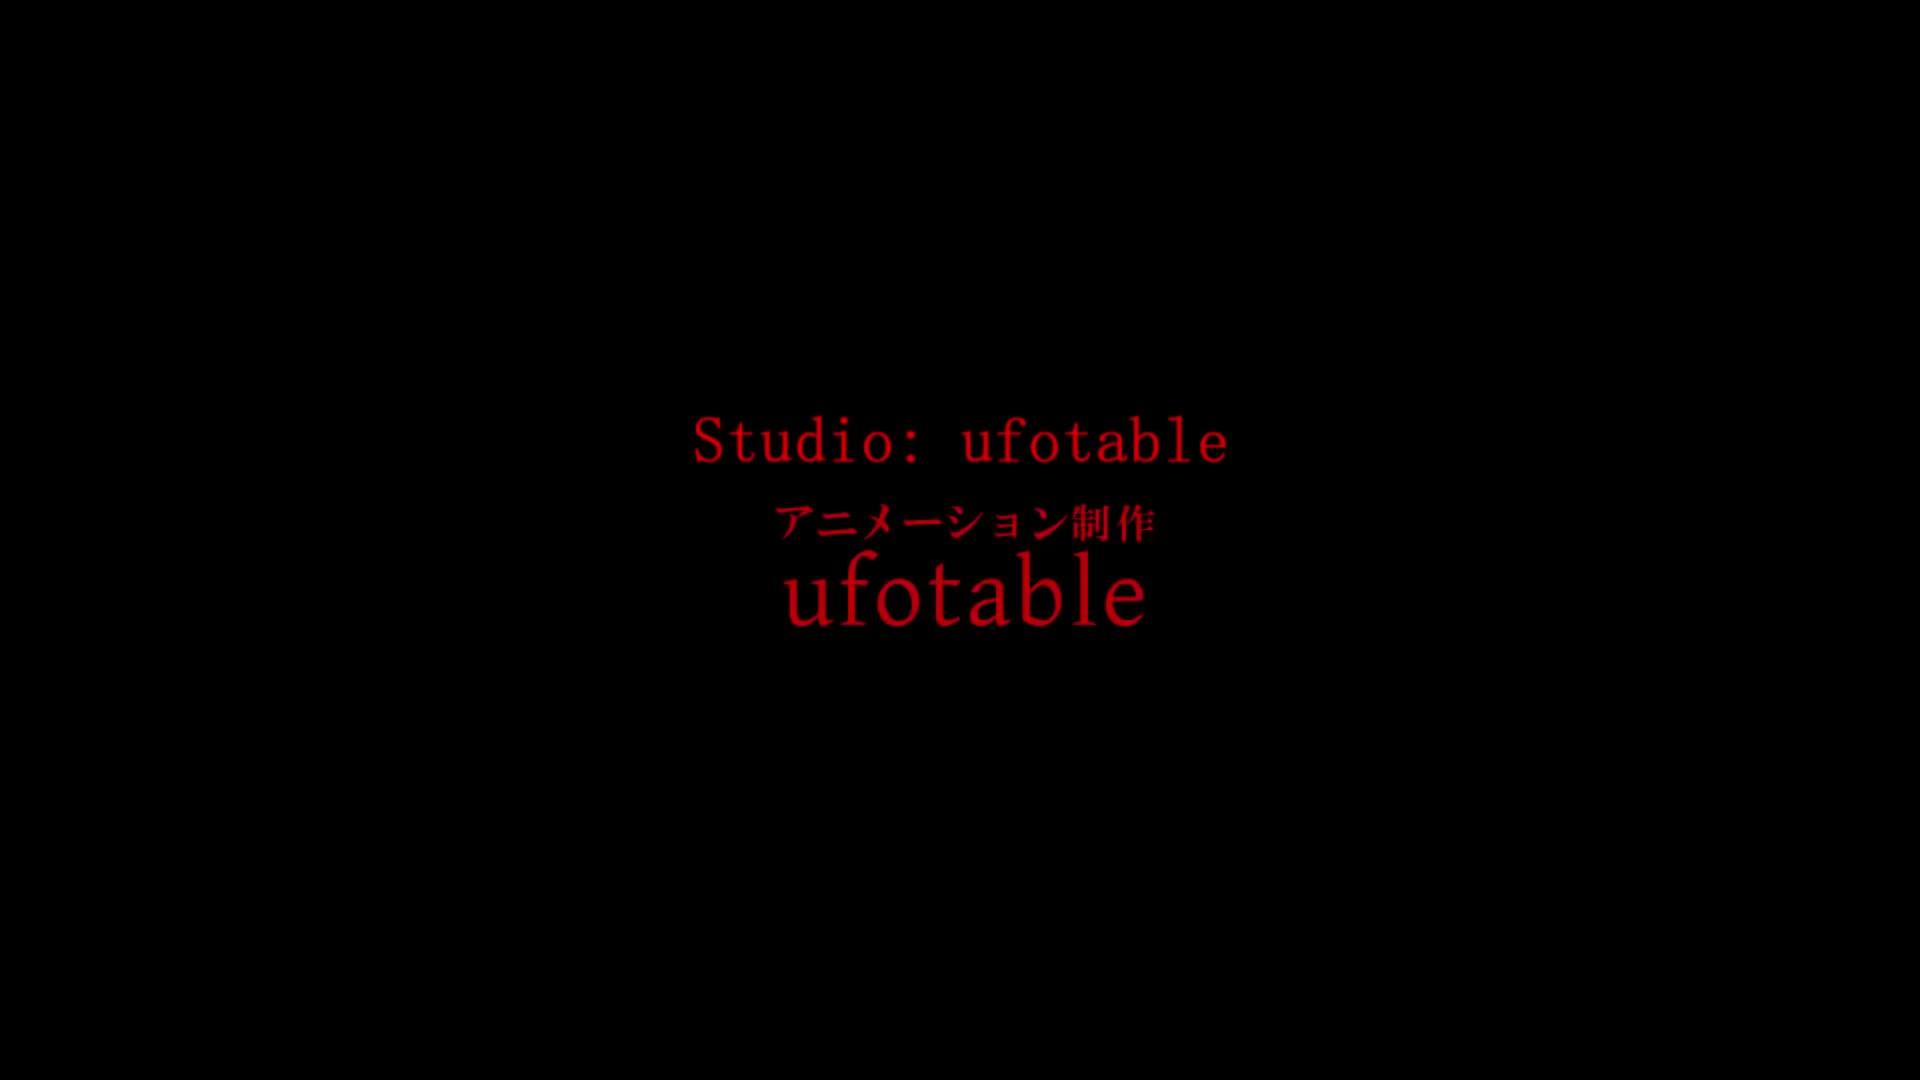 Demon Slayer: Kimetsu no Yaiba Movie - Infinity Train Trailer [HD] screen capture